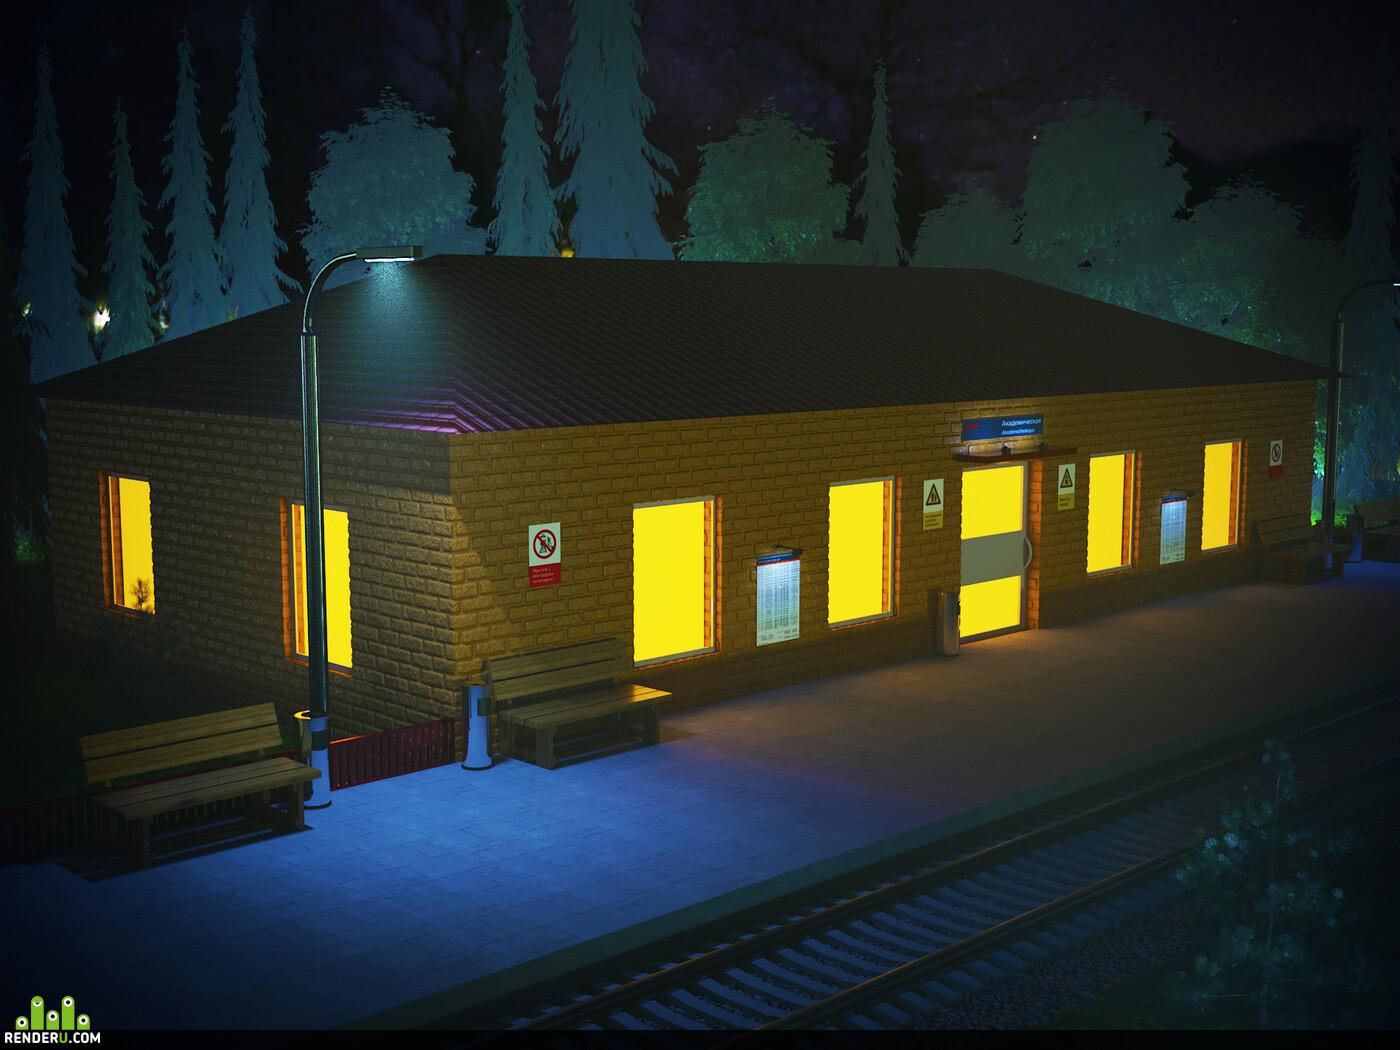 железная дорога, Жлезнодорожная станция, вечер, Деревья